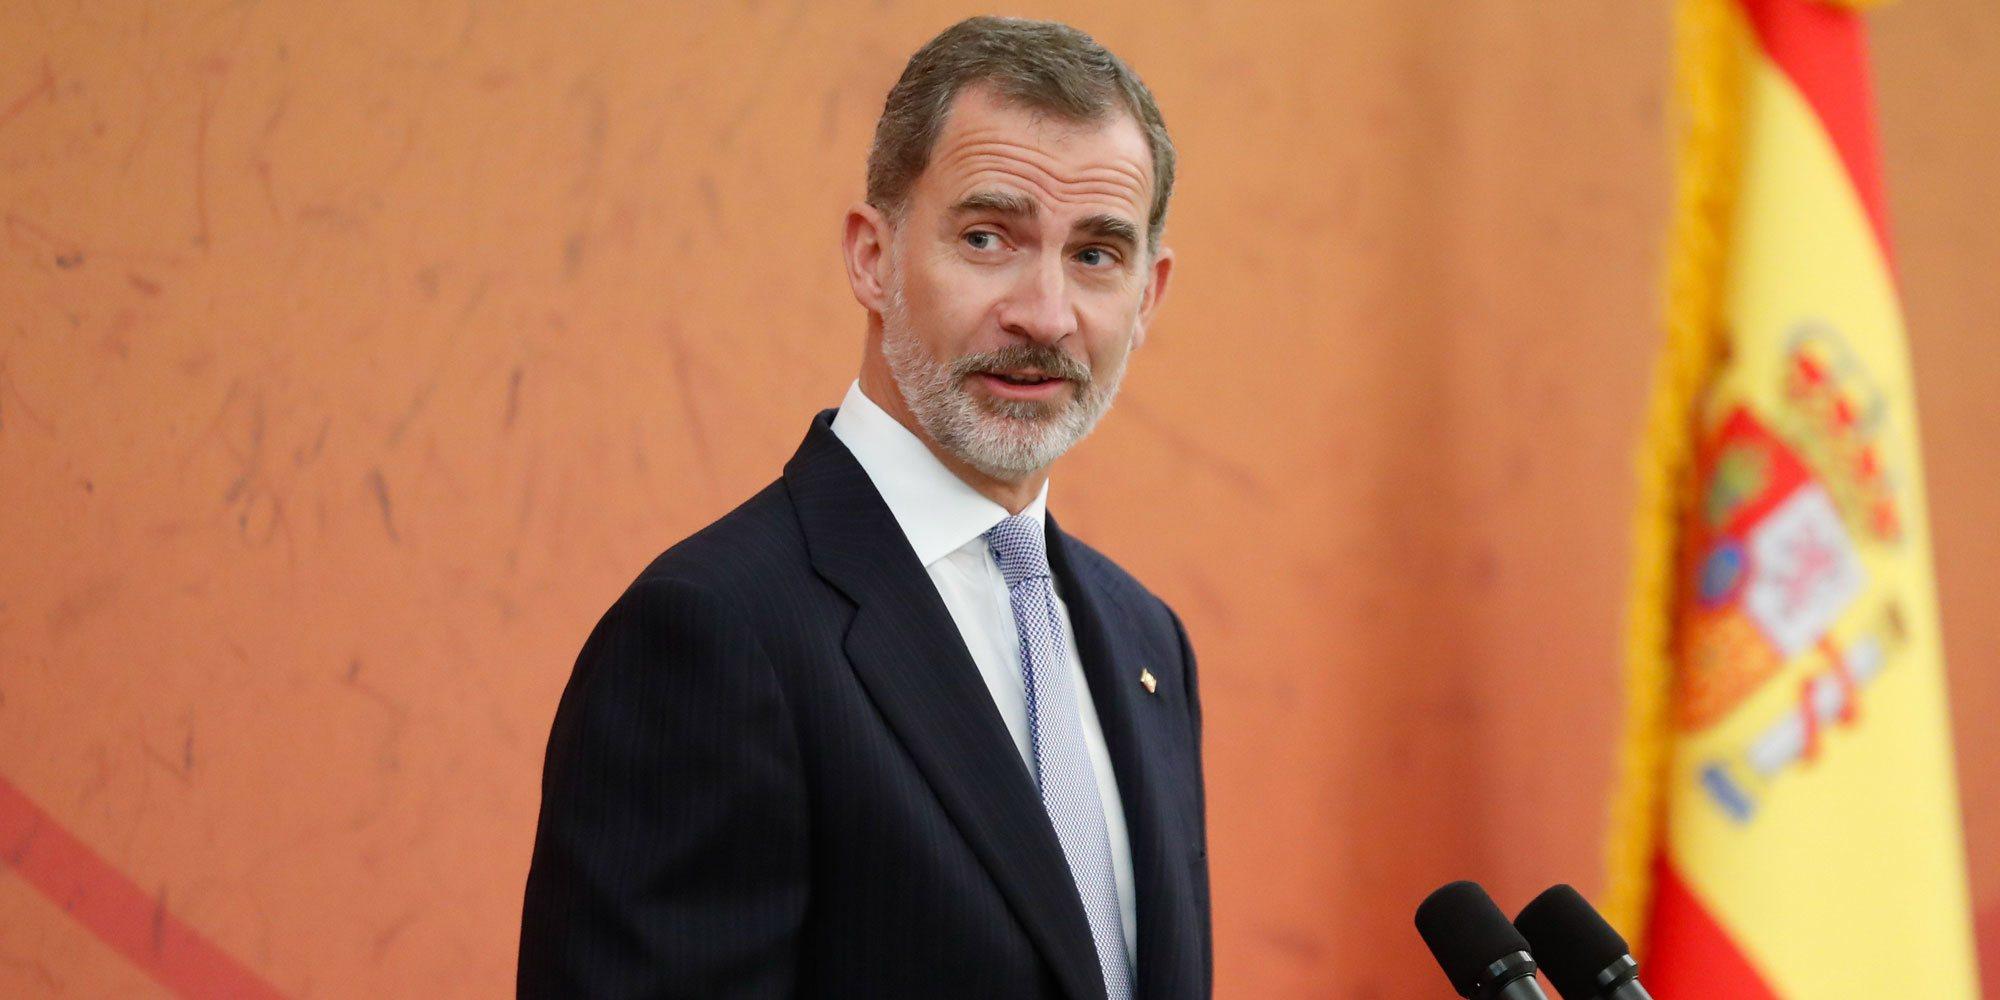 El mensaje del Rey Felipe a favor de la paz con el que muestra su dominio del francés